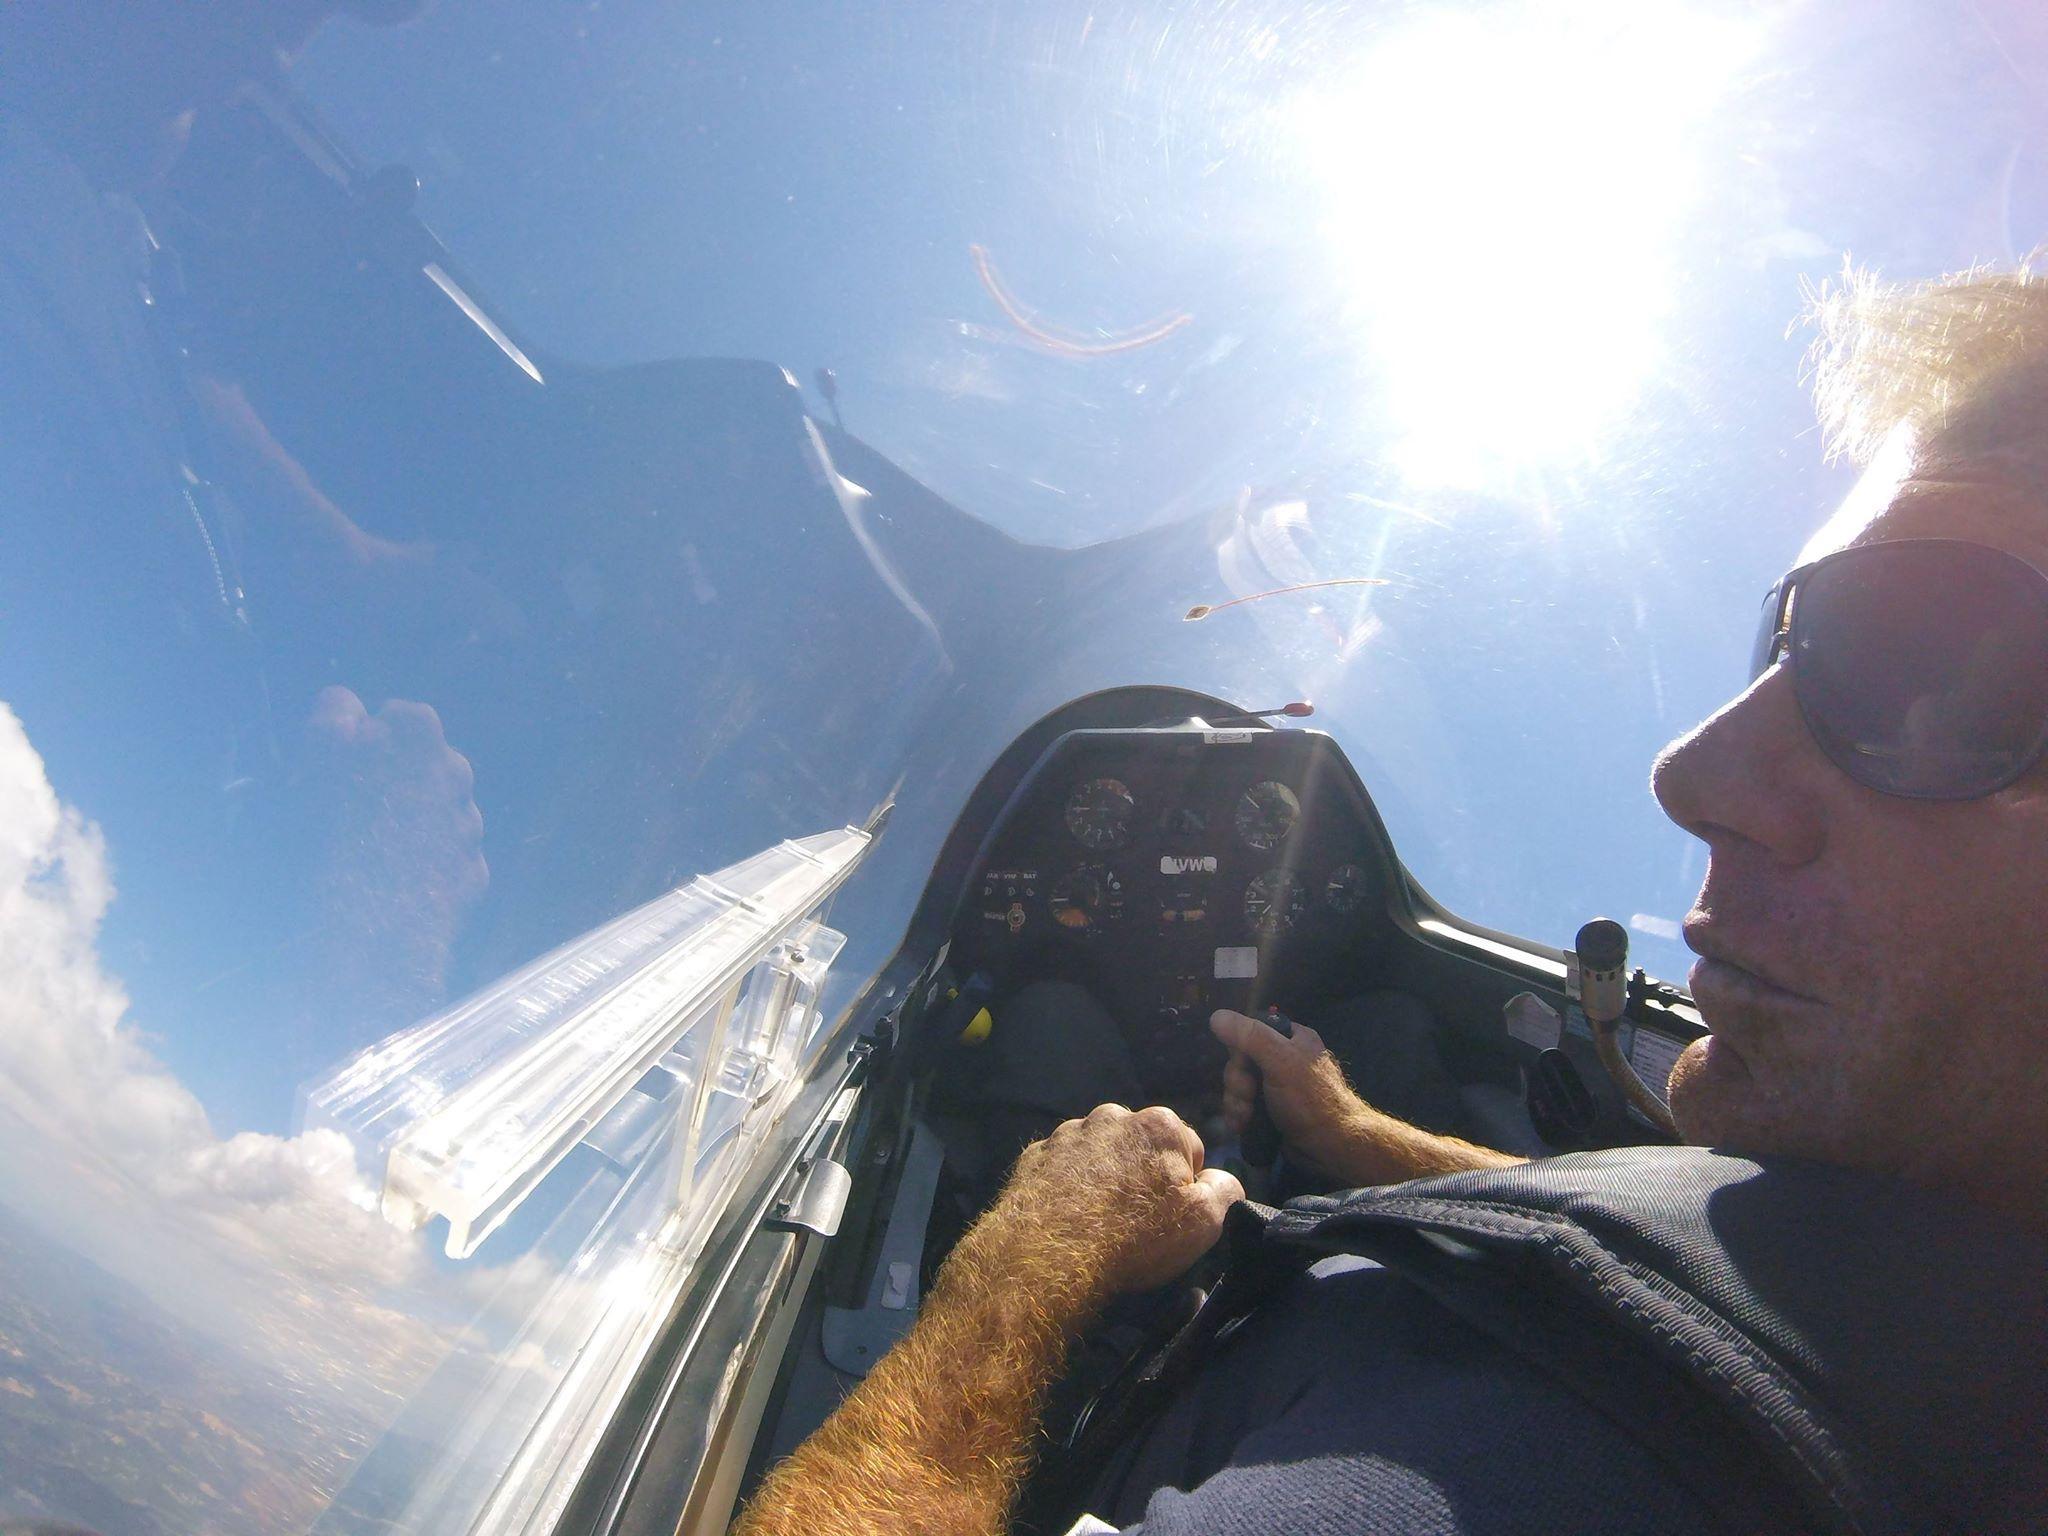 Sull aliante dimentico la mia disabilità : a Tgcom24 il primo paraplegico abruzzese con il brevetto di volo